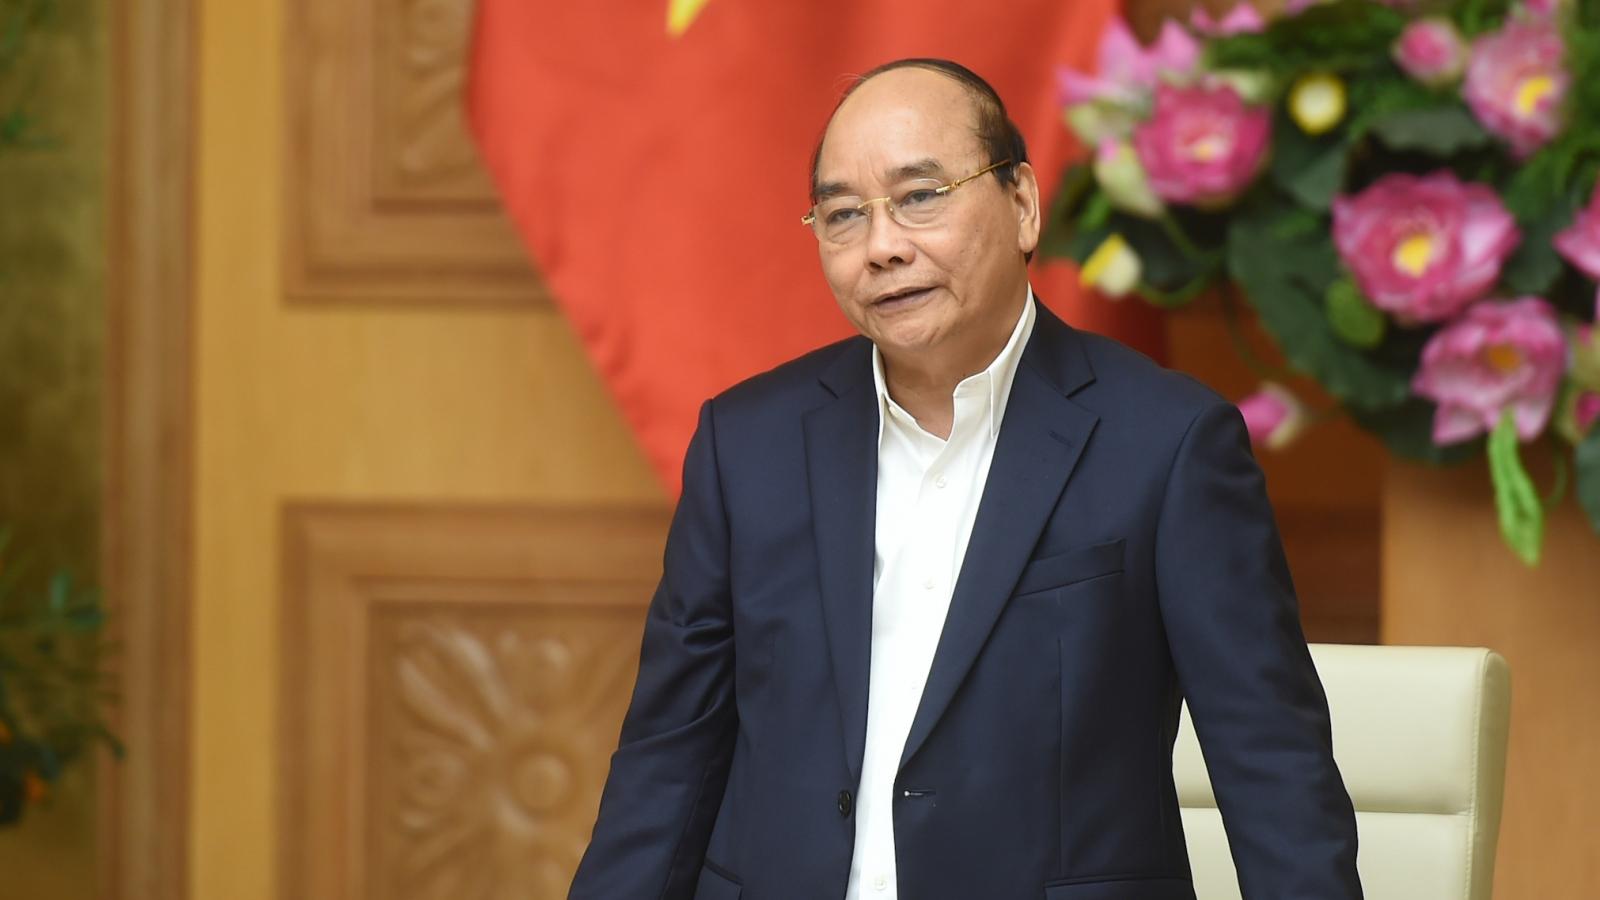 Thủ tướng: Đà Nẵng phải hướng đến là Thành phố loại đặc biệt của Việt Nam